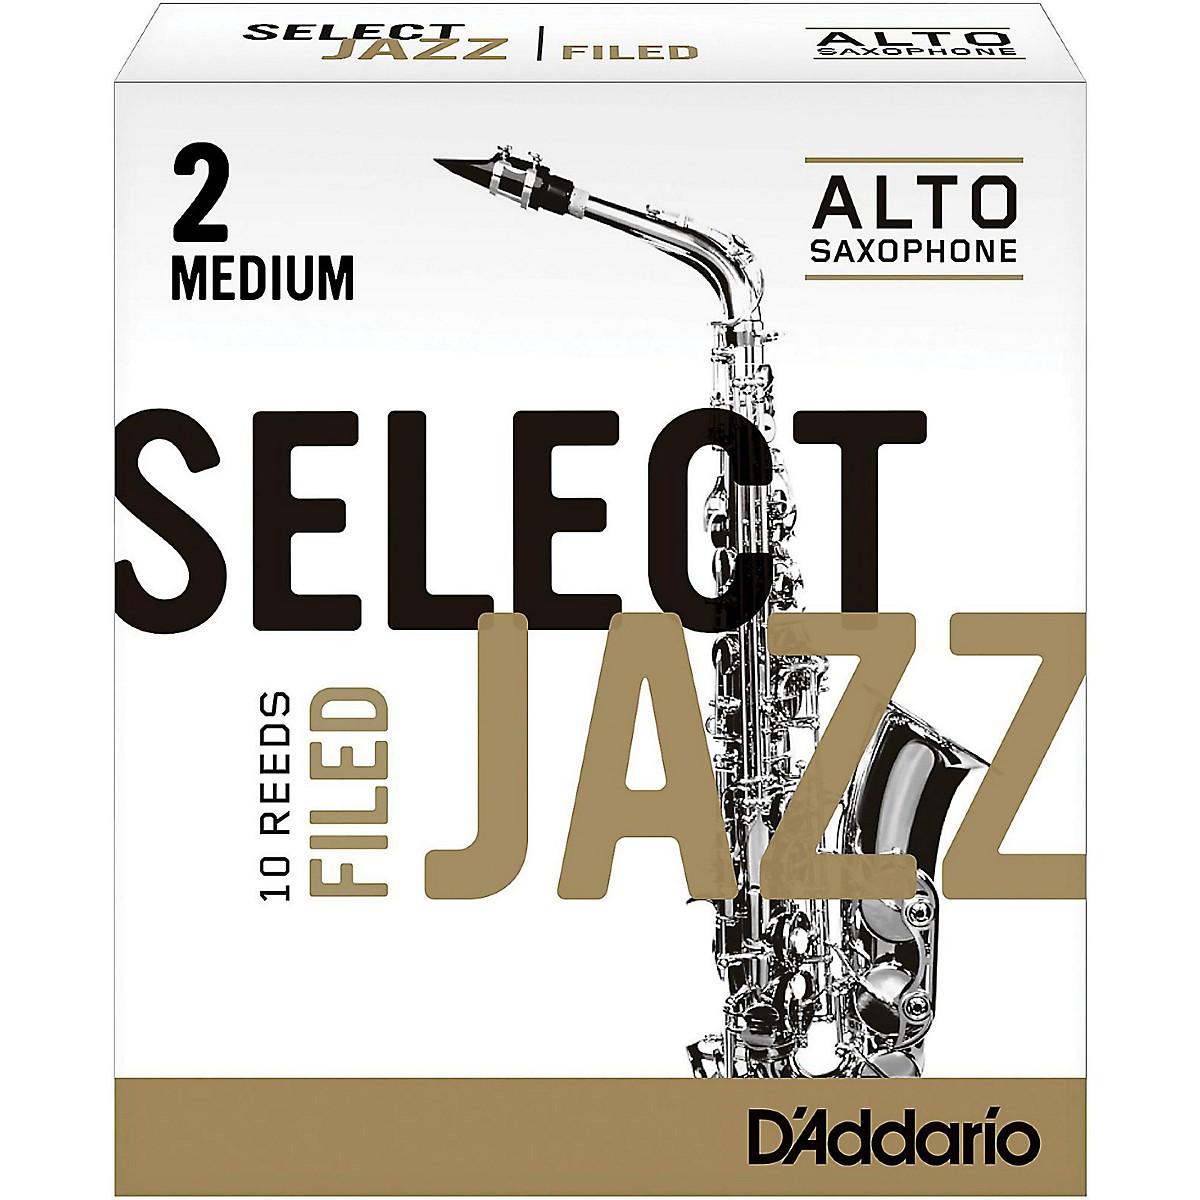 D'Addario Woodwinds Select Jazz Filed Alto Saxophone Reeds